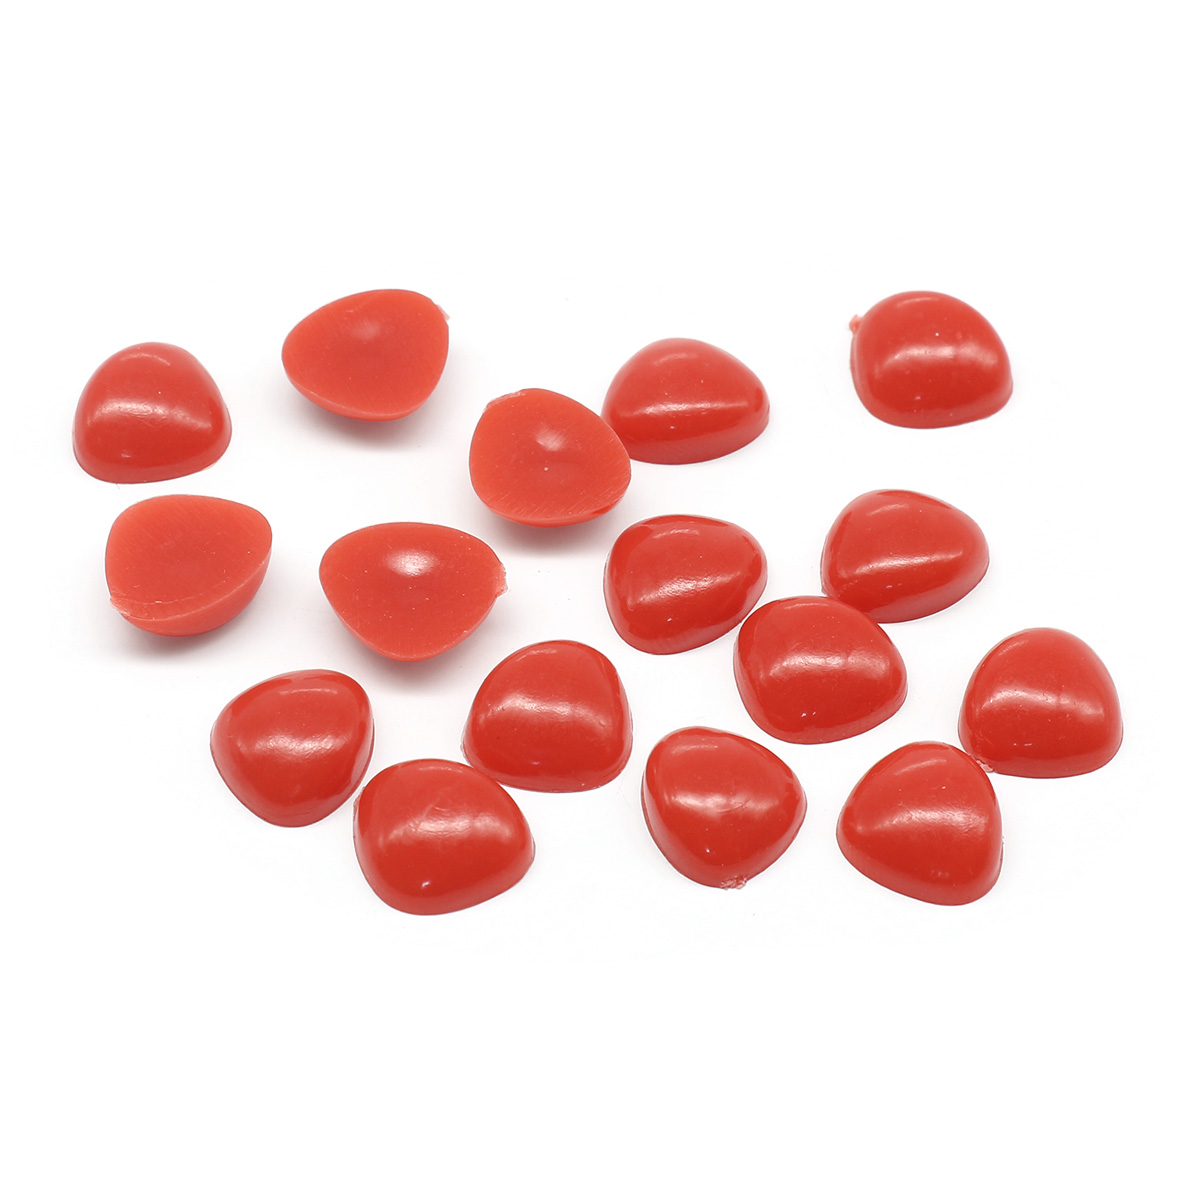 25652 Носик клеевой 12мм треугольный, цв. красный, упак/16шт